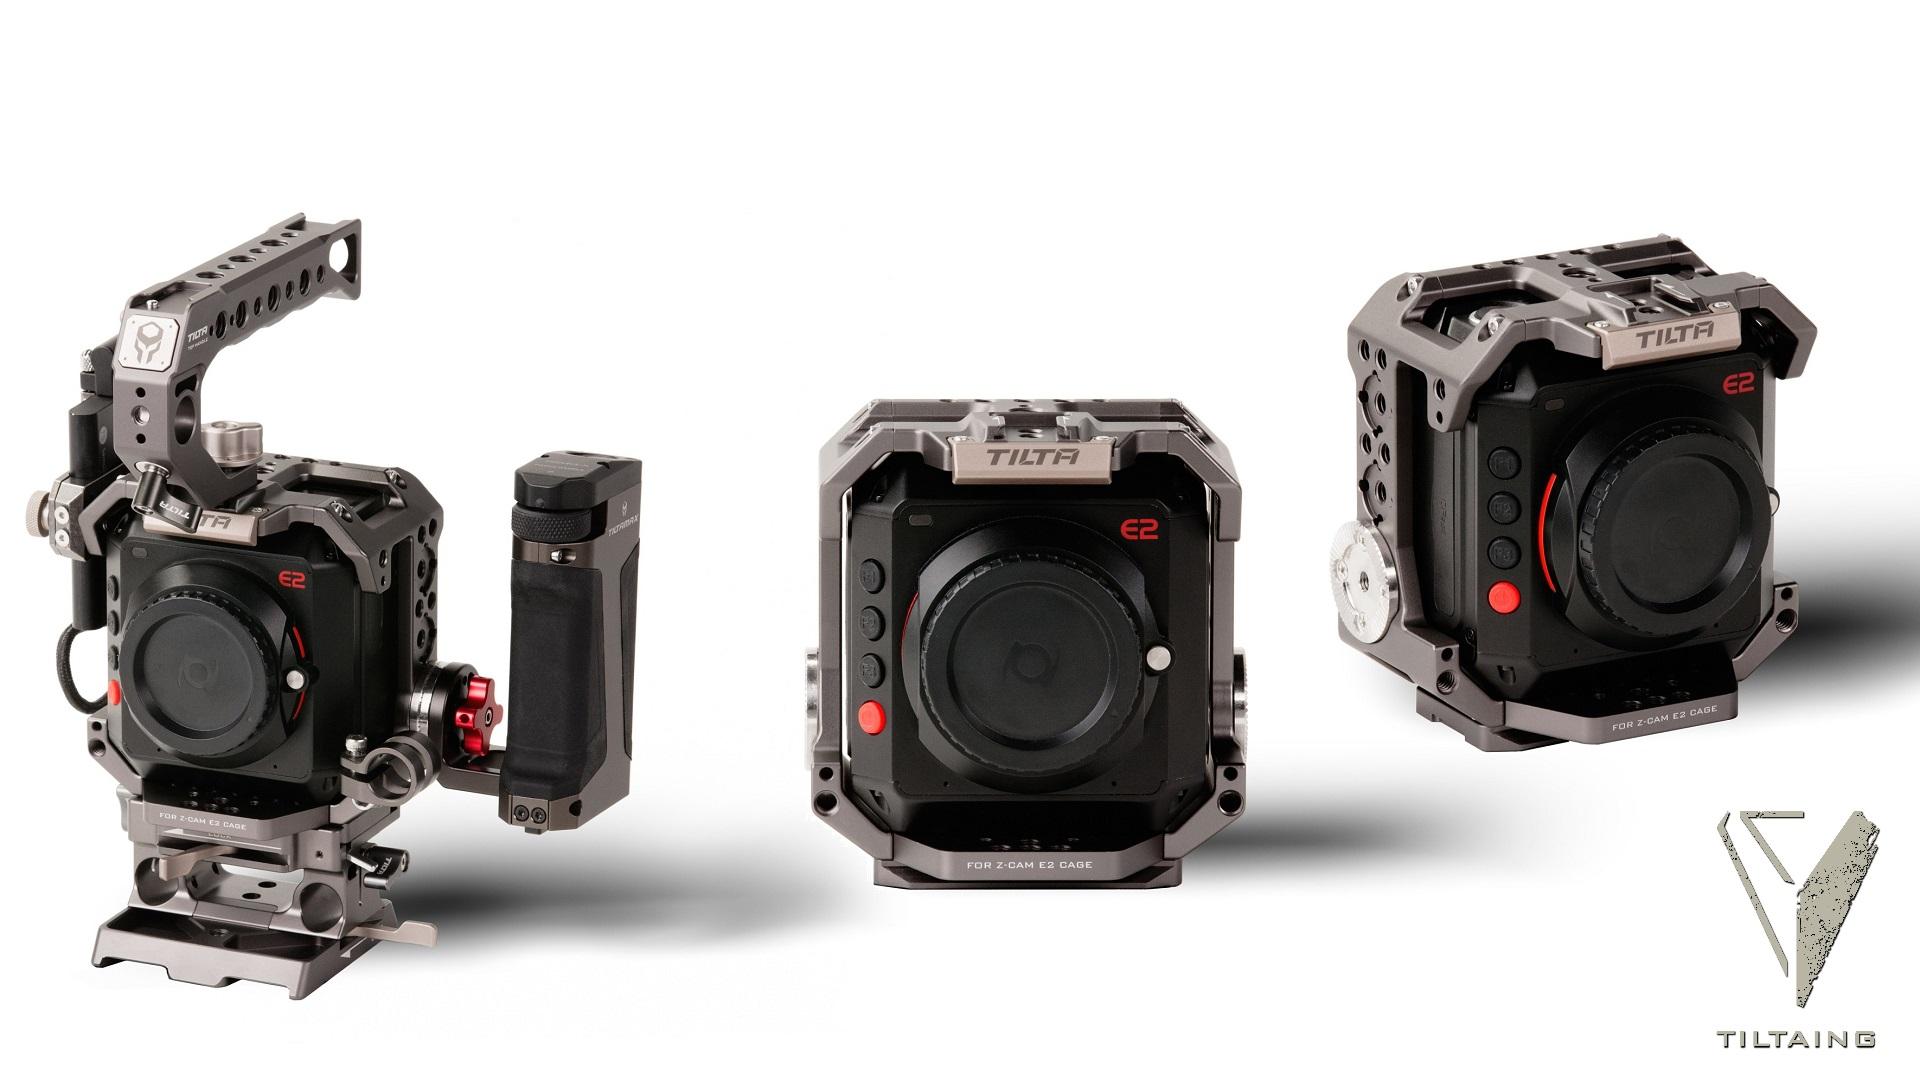 Tilta presenta armazón de cámara para Z CAM E2